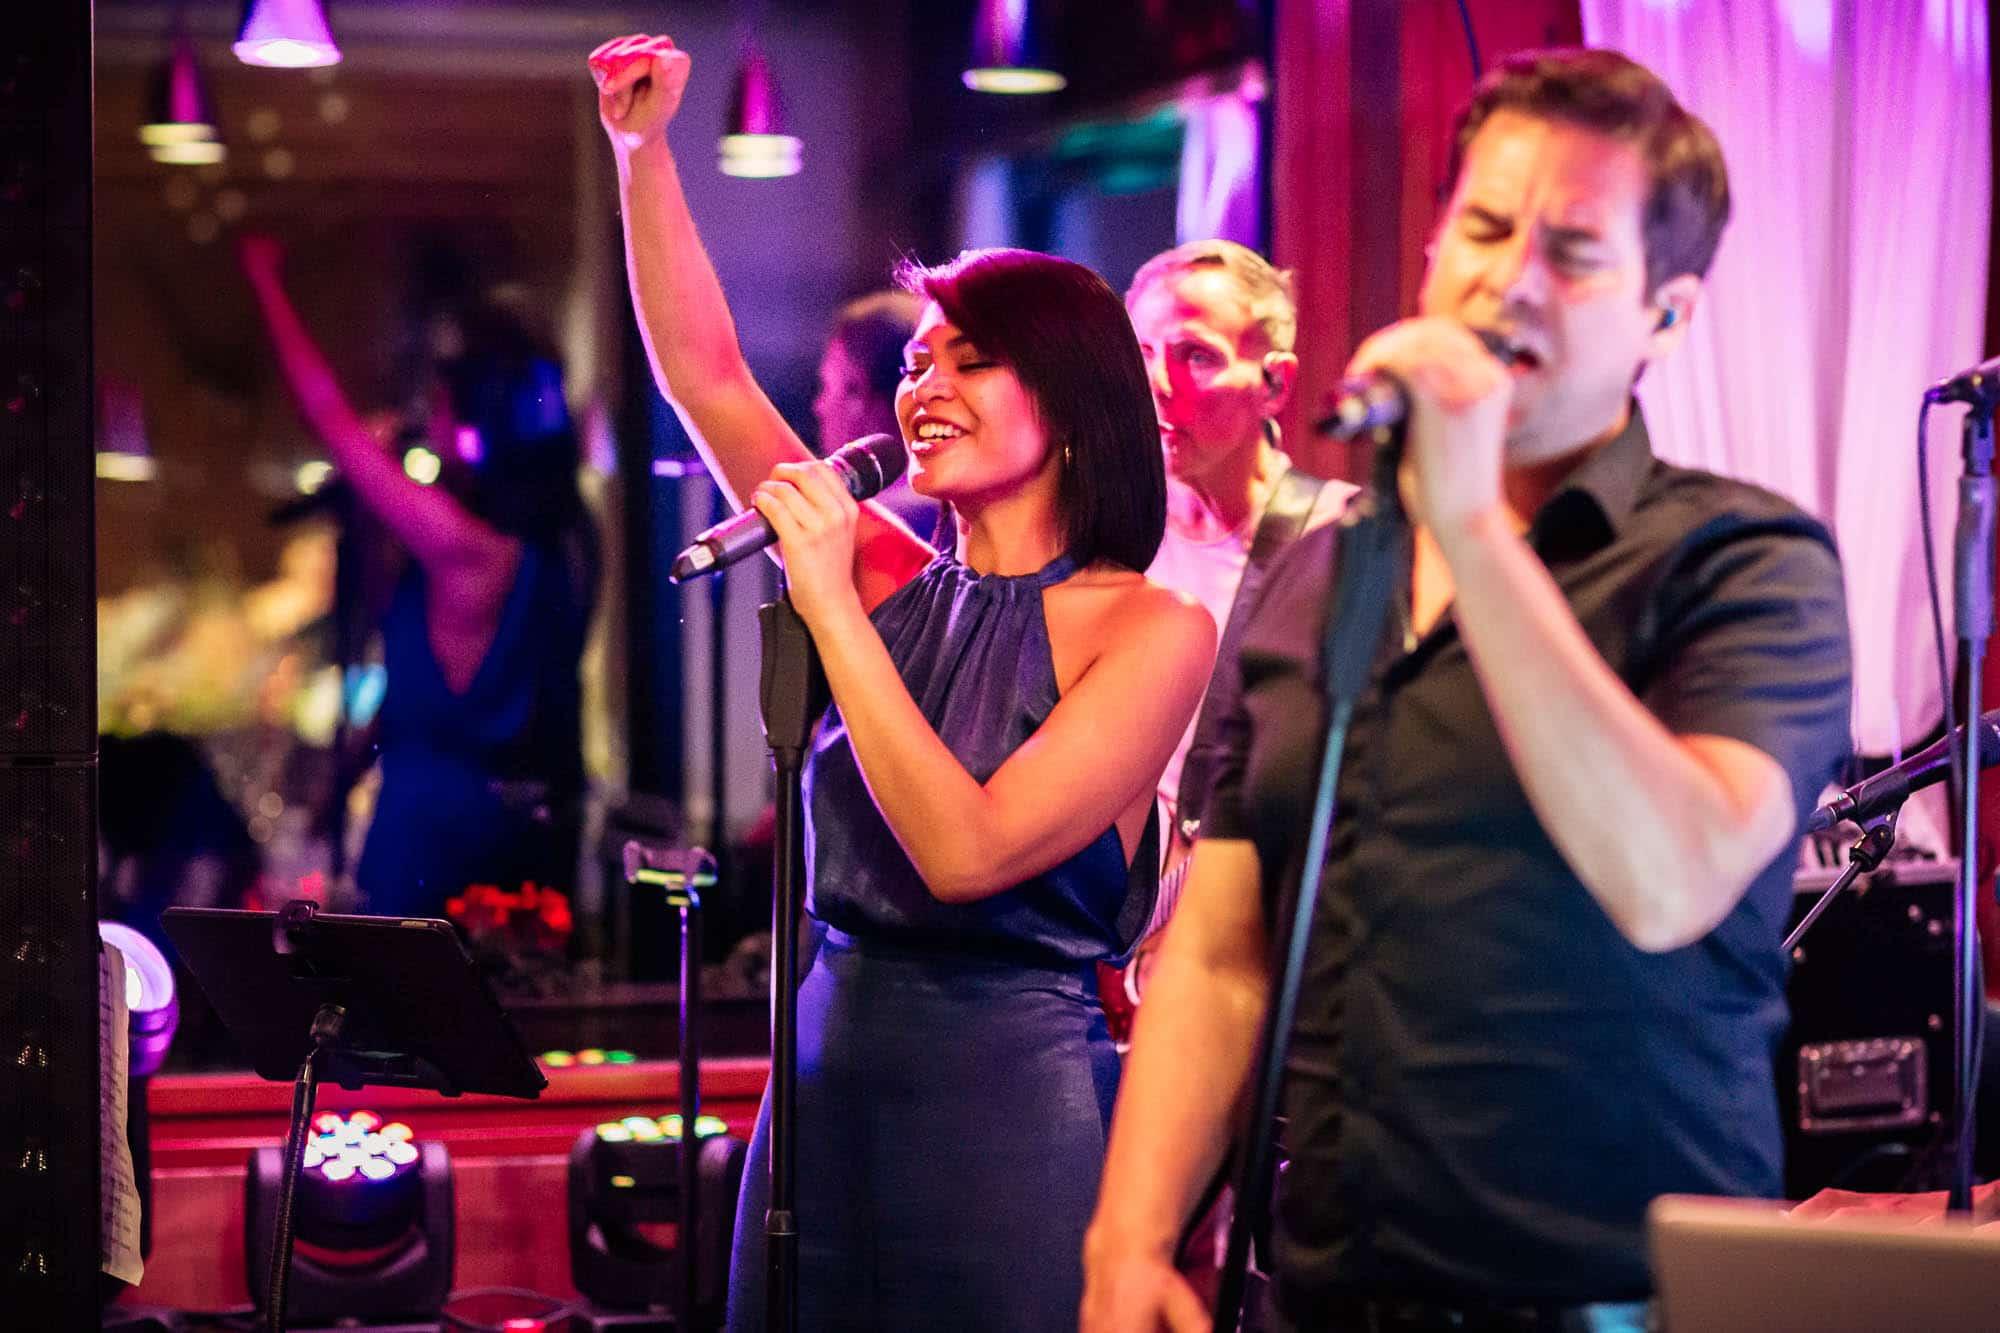 Hochzeitsband Pianobeat sorgt für Stimmung